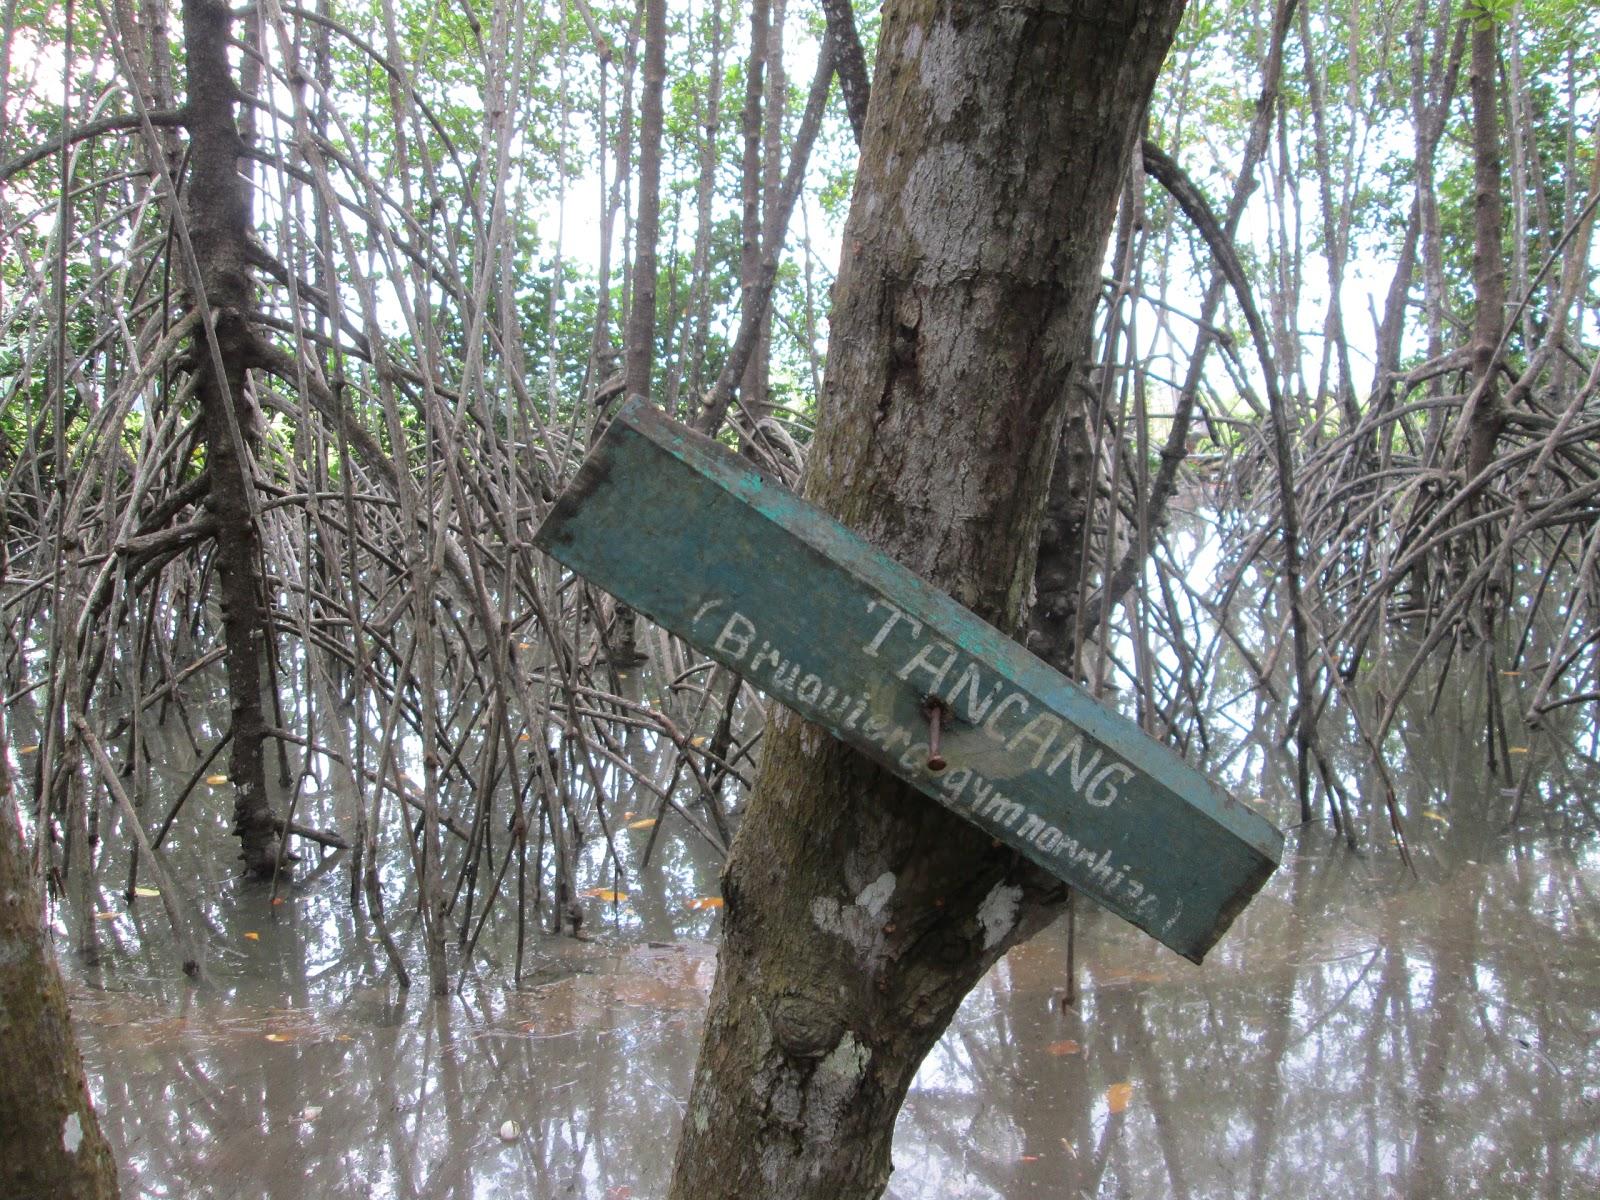 Visit Indonesia History Hutan Payau Tritih Cilacap Terdapat Mangrove Asosiasi